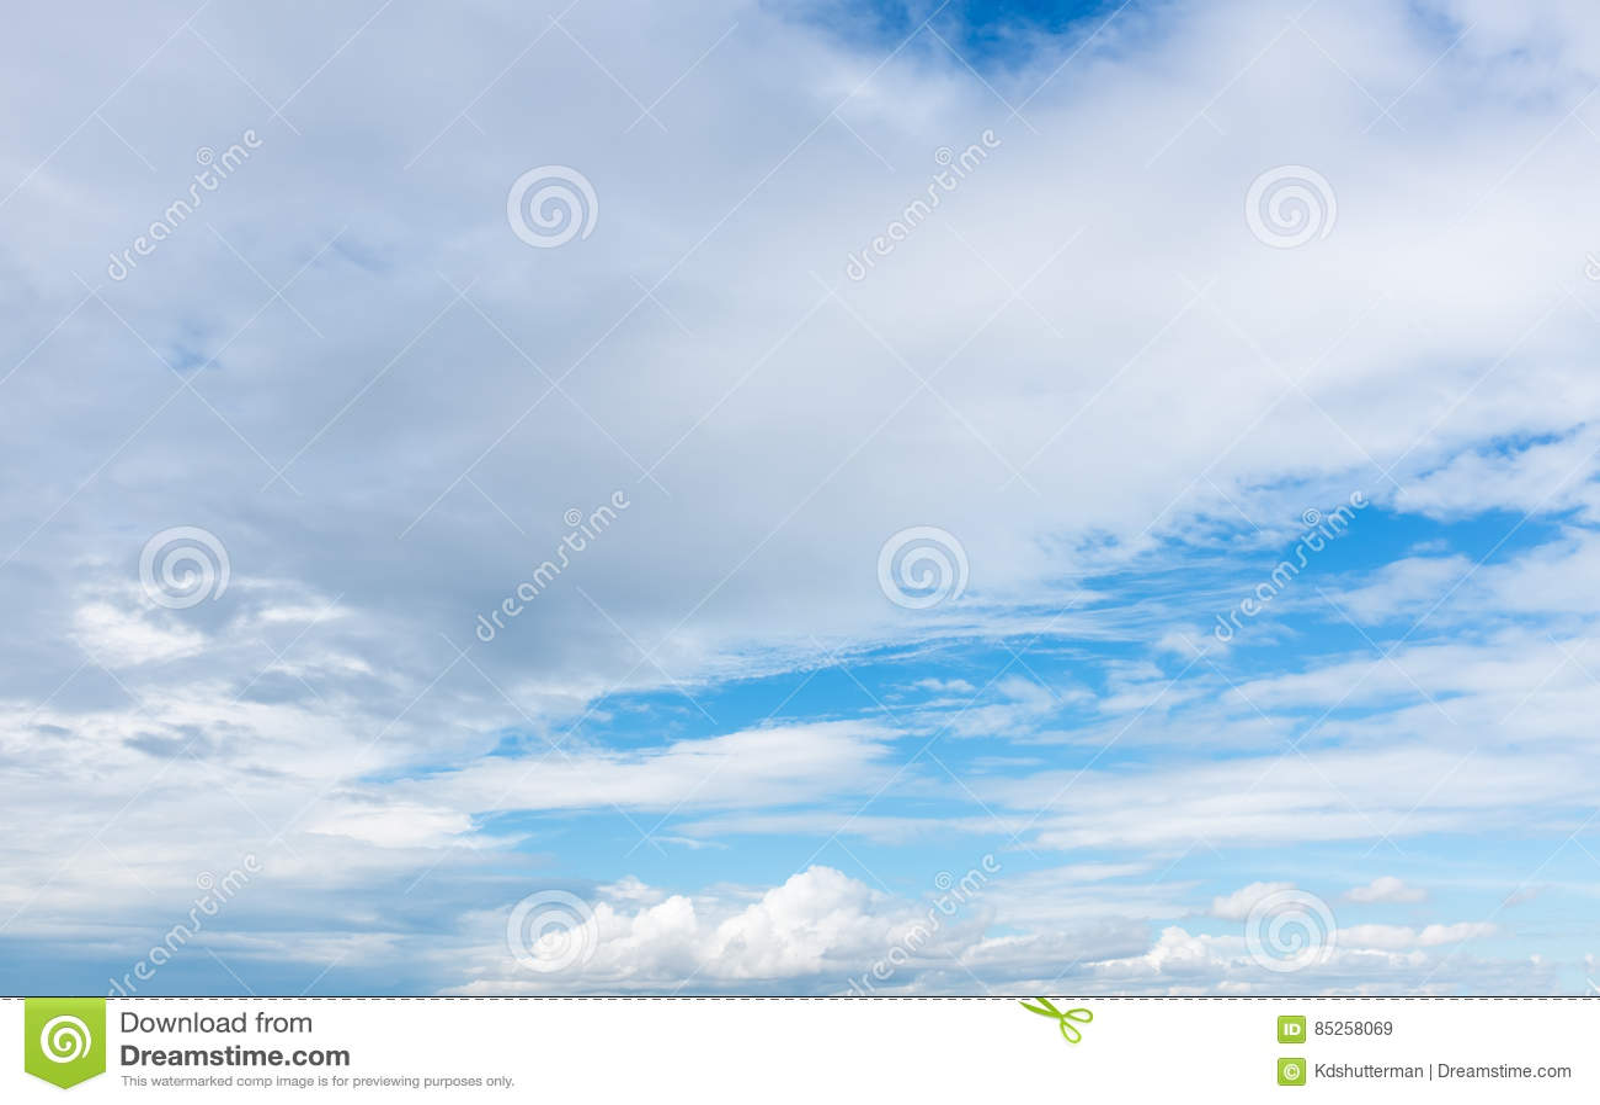 Céu azul bonito com nebuloso Fundo da natureza outdoors